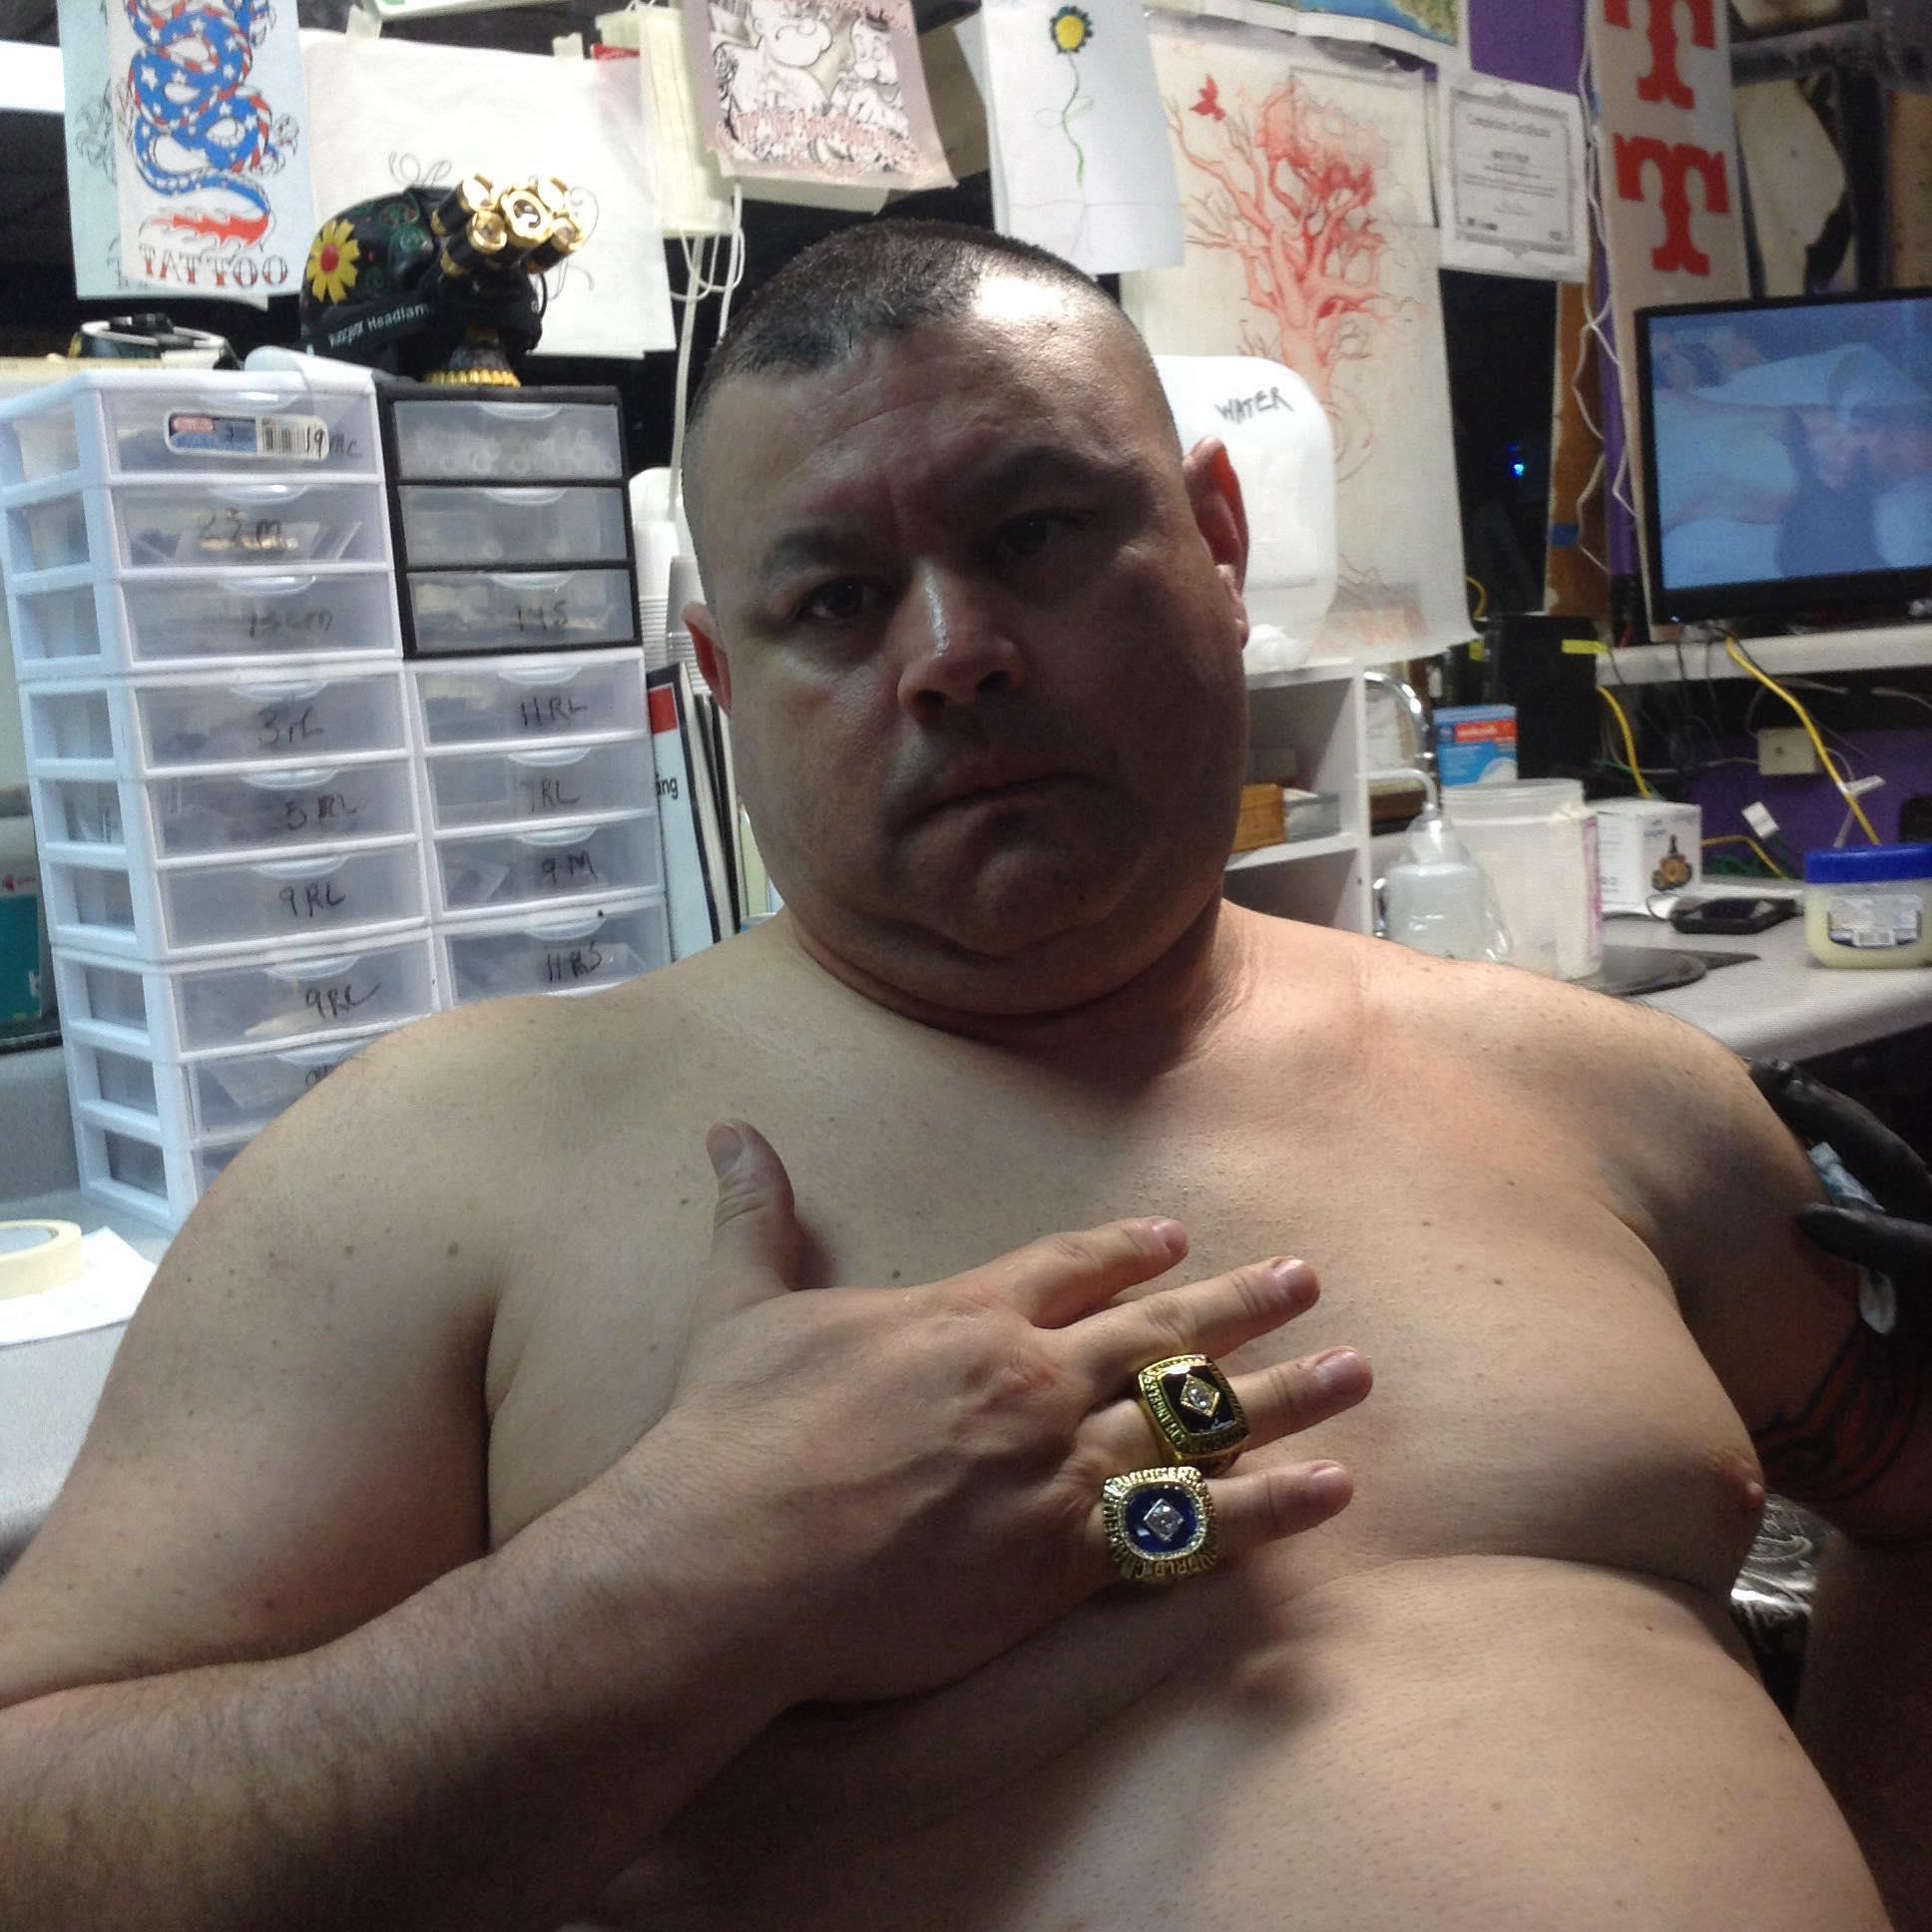 Astros Fan wearing Dodgers Rings